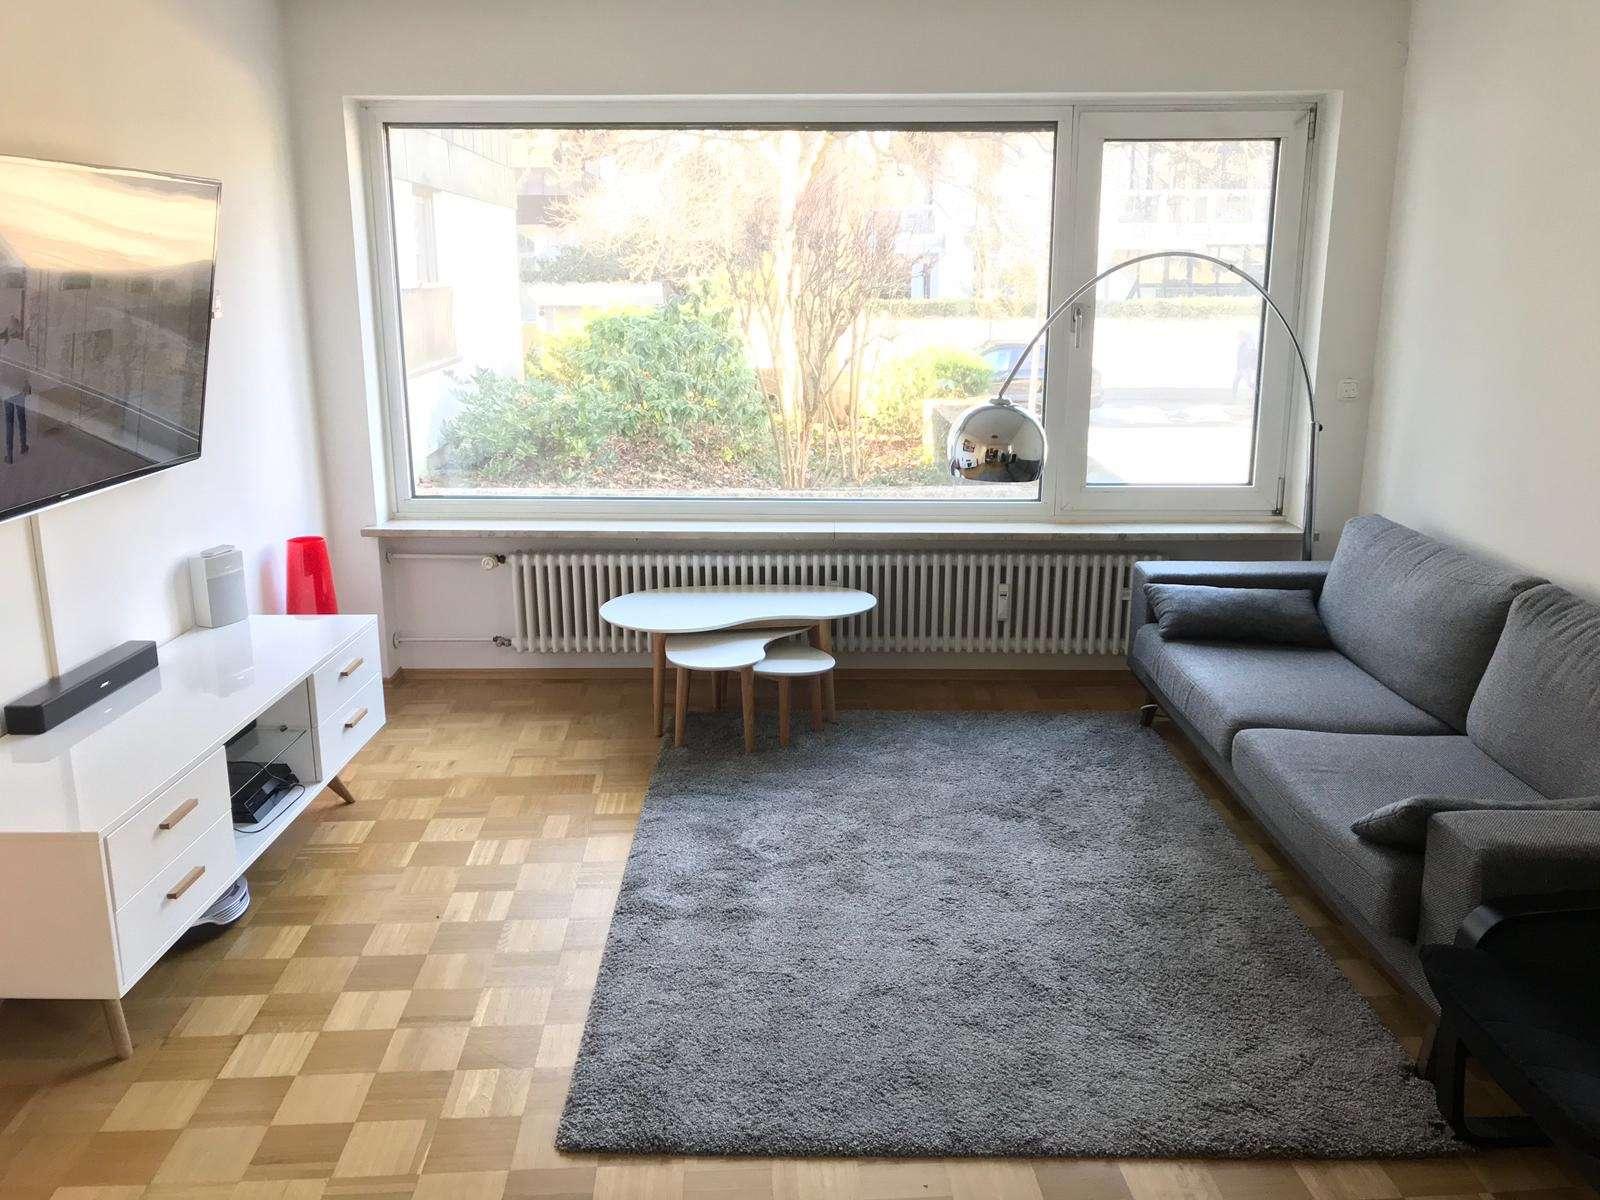 Ab 01.05.2020, Traum-Wohnung, 1.500 €, 55 m², 2 Z, möbliert/nicht-möbliert, in Bogenhausen (München)